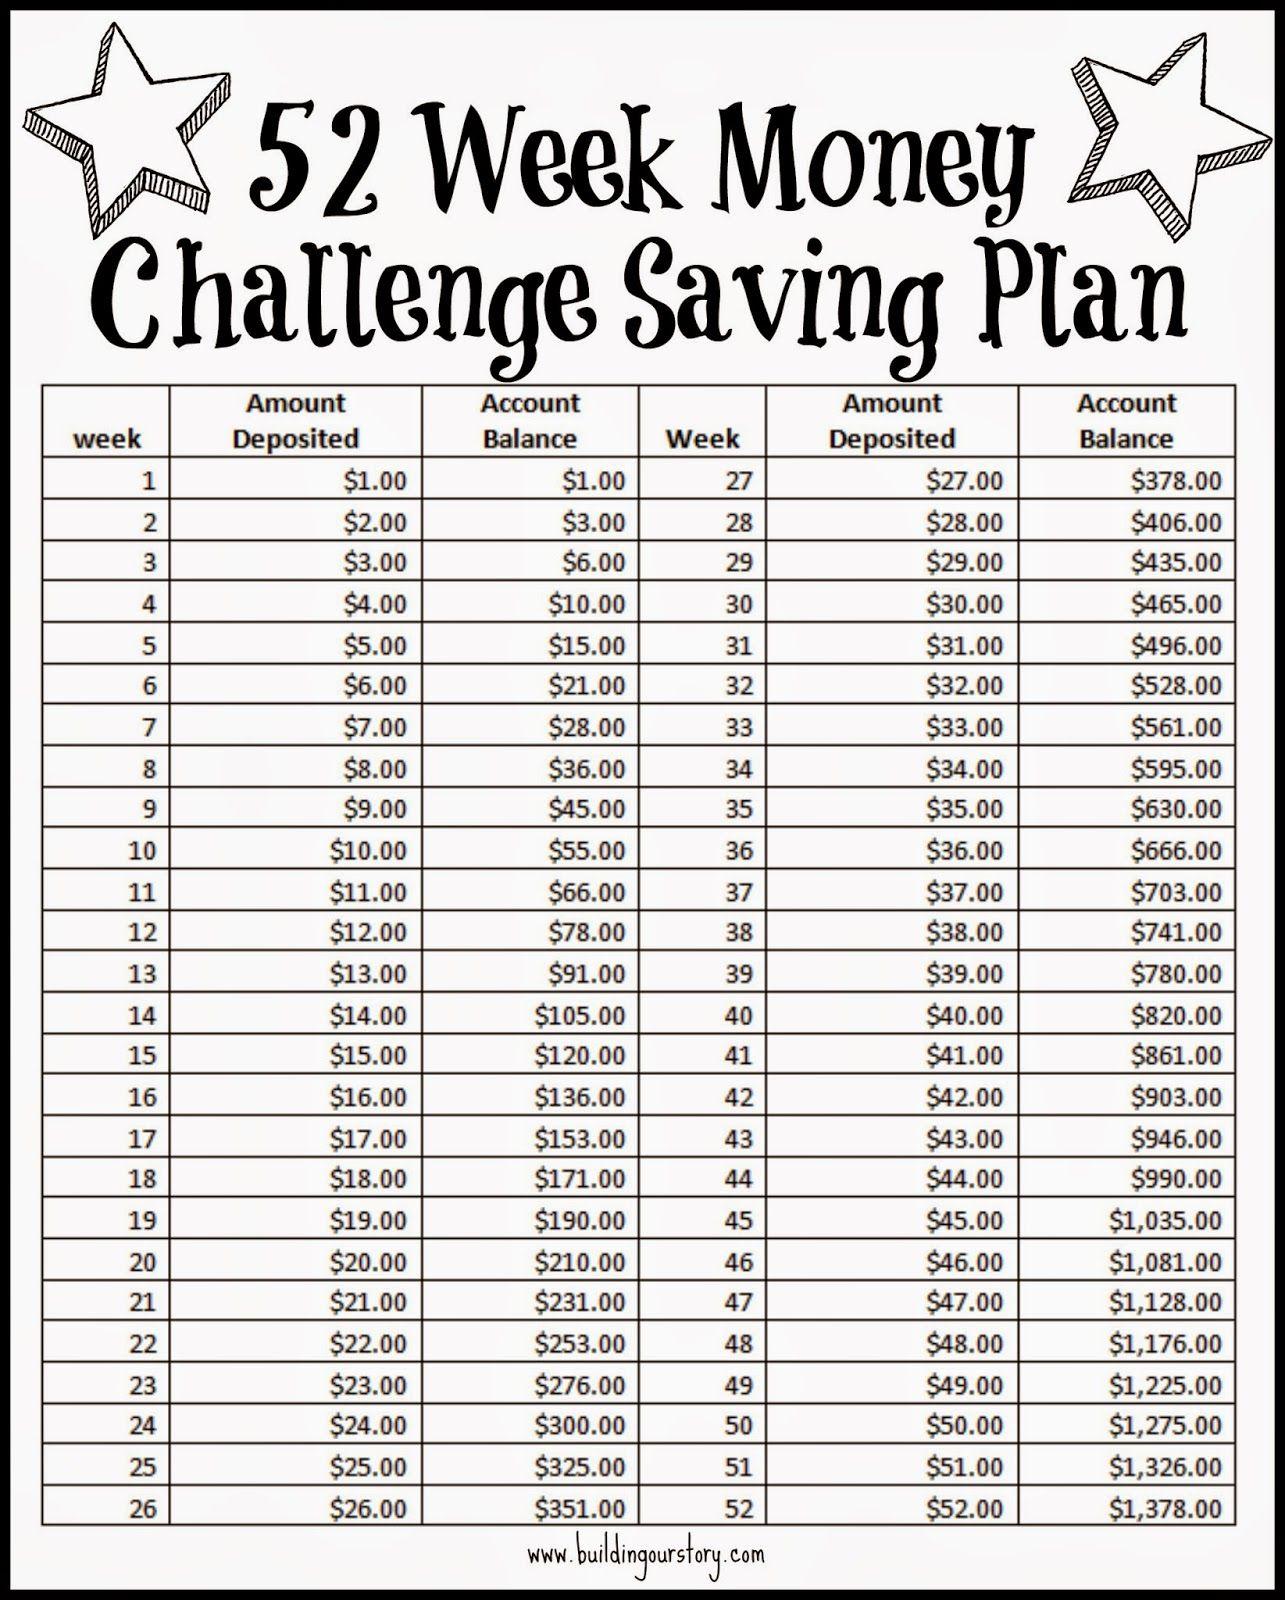 52 Week Money Challenge Saving Plan - Free Printable regarding 52 Week Challenge Calendar